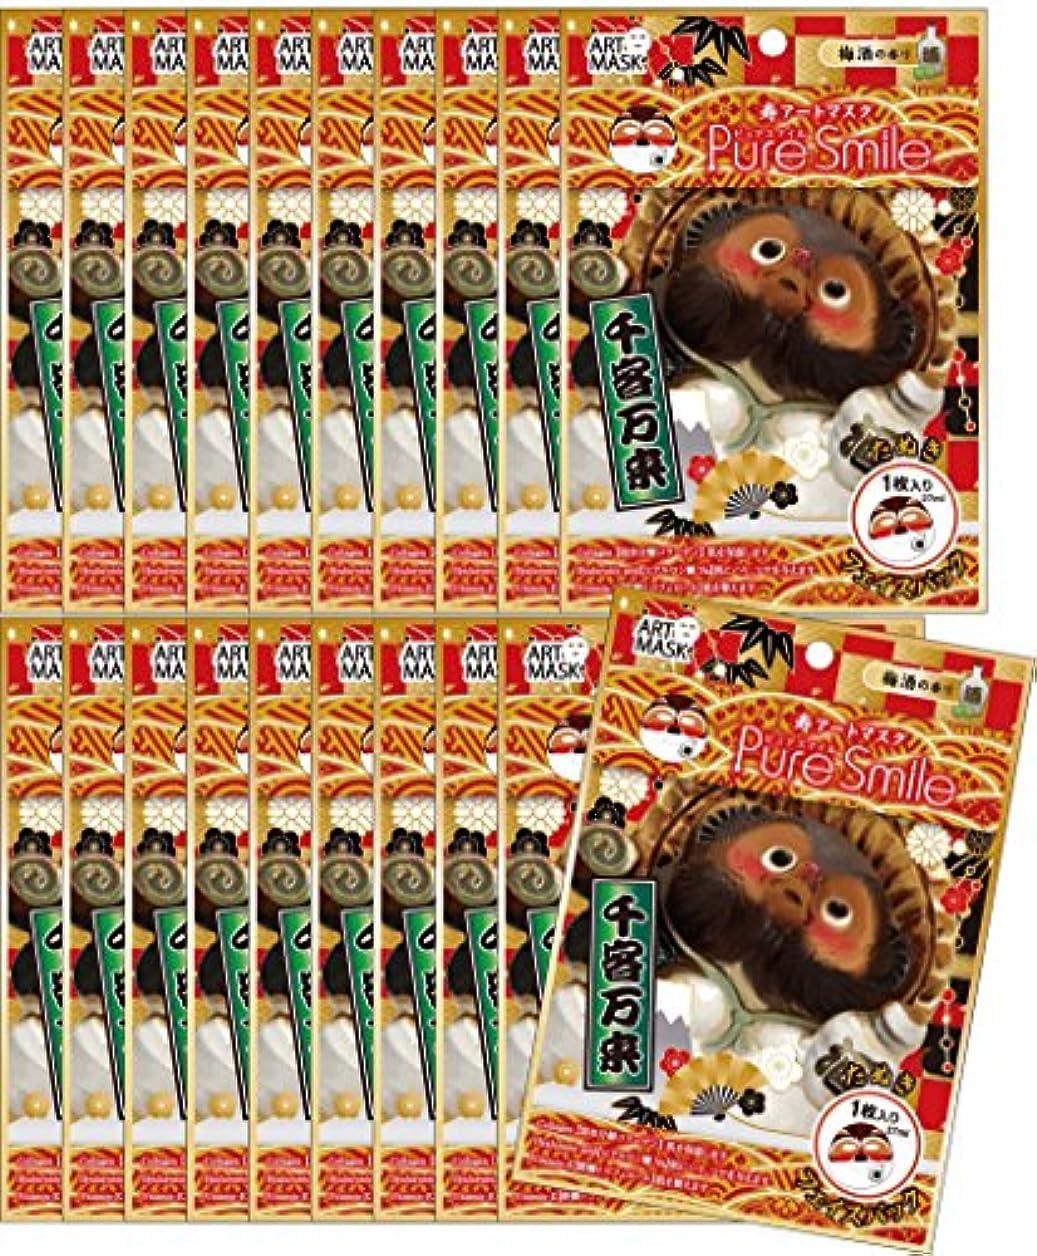 アジア人取り付け怠けた【ピュアスマイル】『迎春寿アートマスク』(たぬき/梅酒の香り)20枚セット